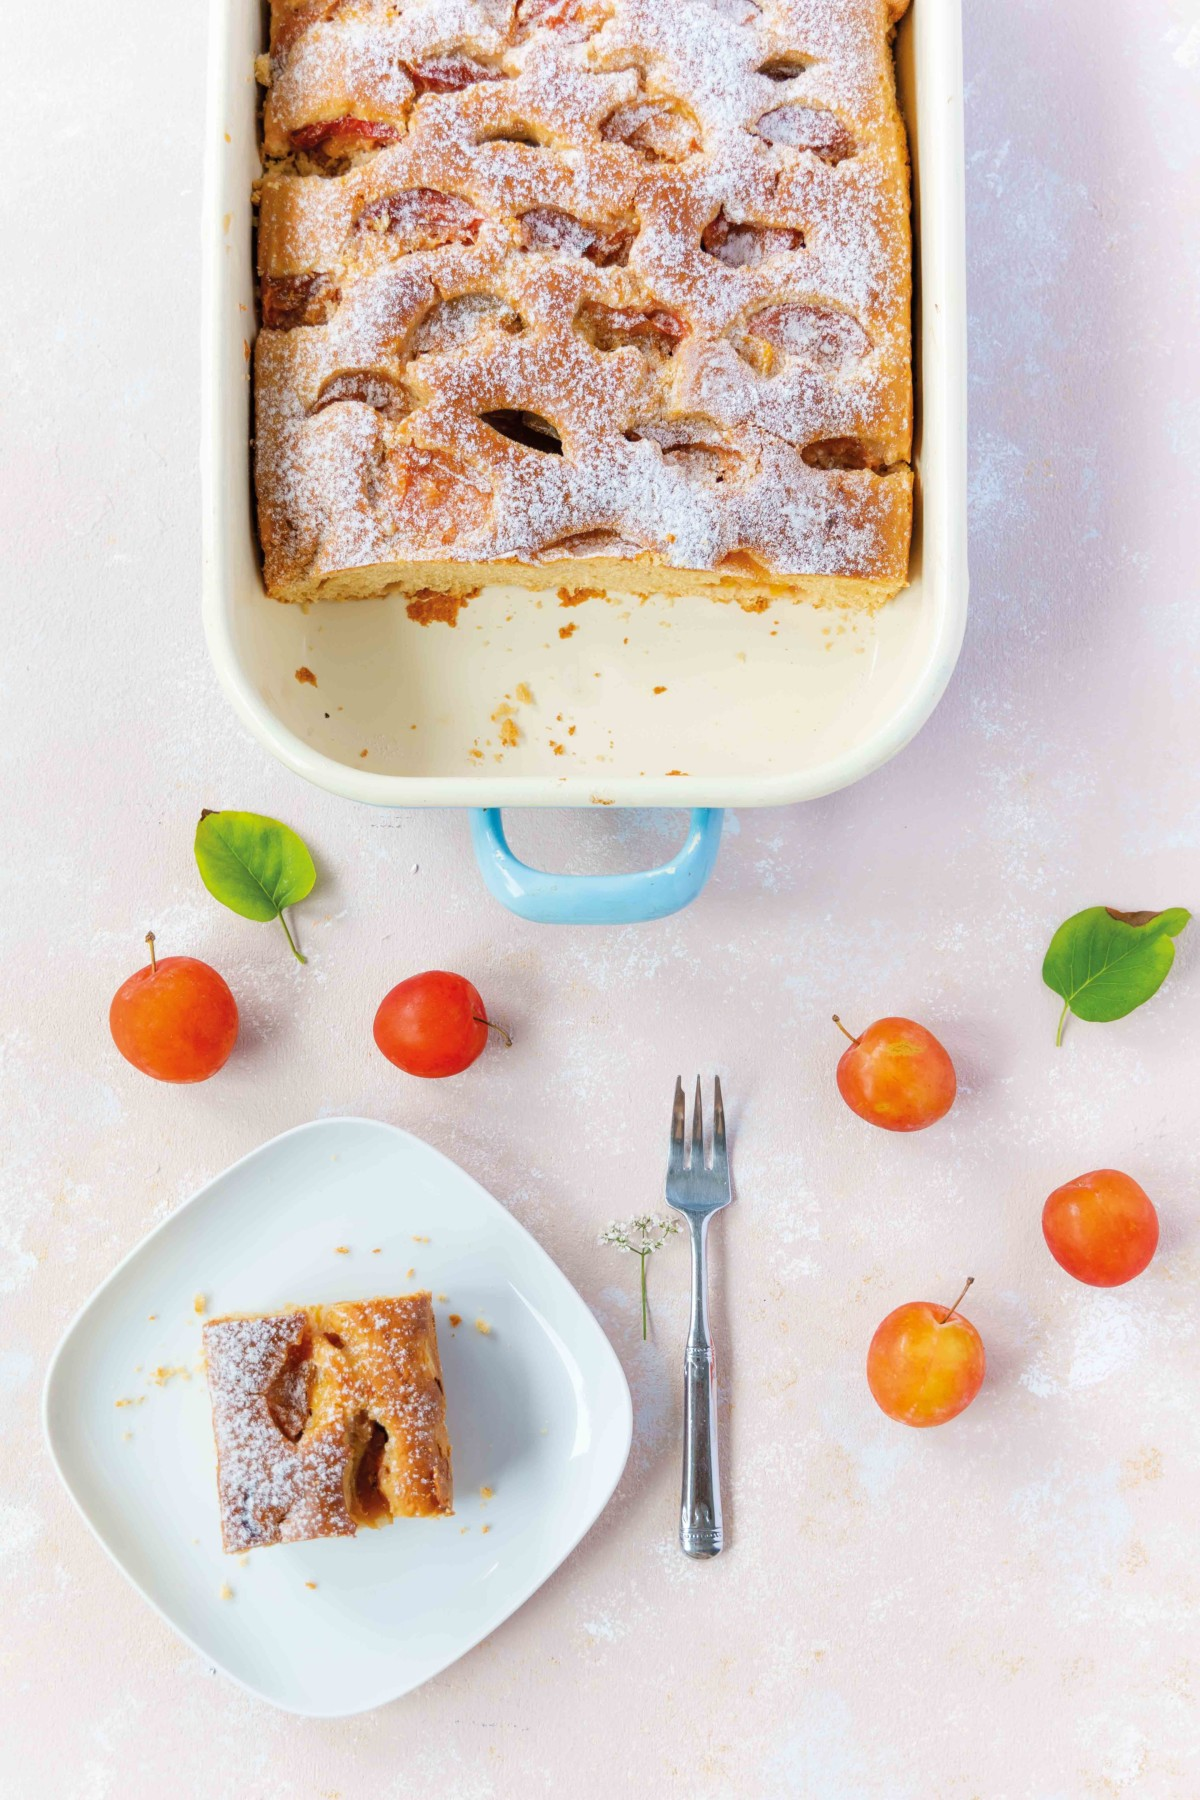 Pflaumenkuchen mit Amarula // Plum Cake with Amarula by https://babyrockmyday.com/pflaumenkuchen-mit-amarula/